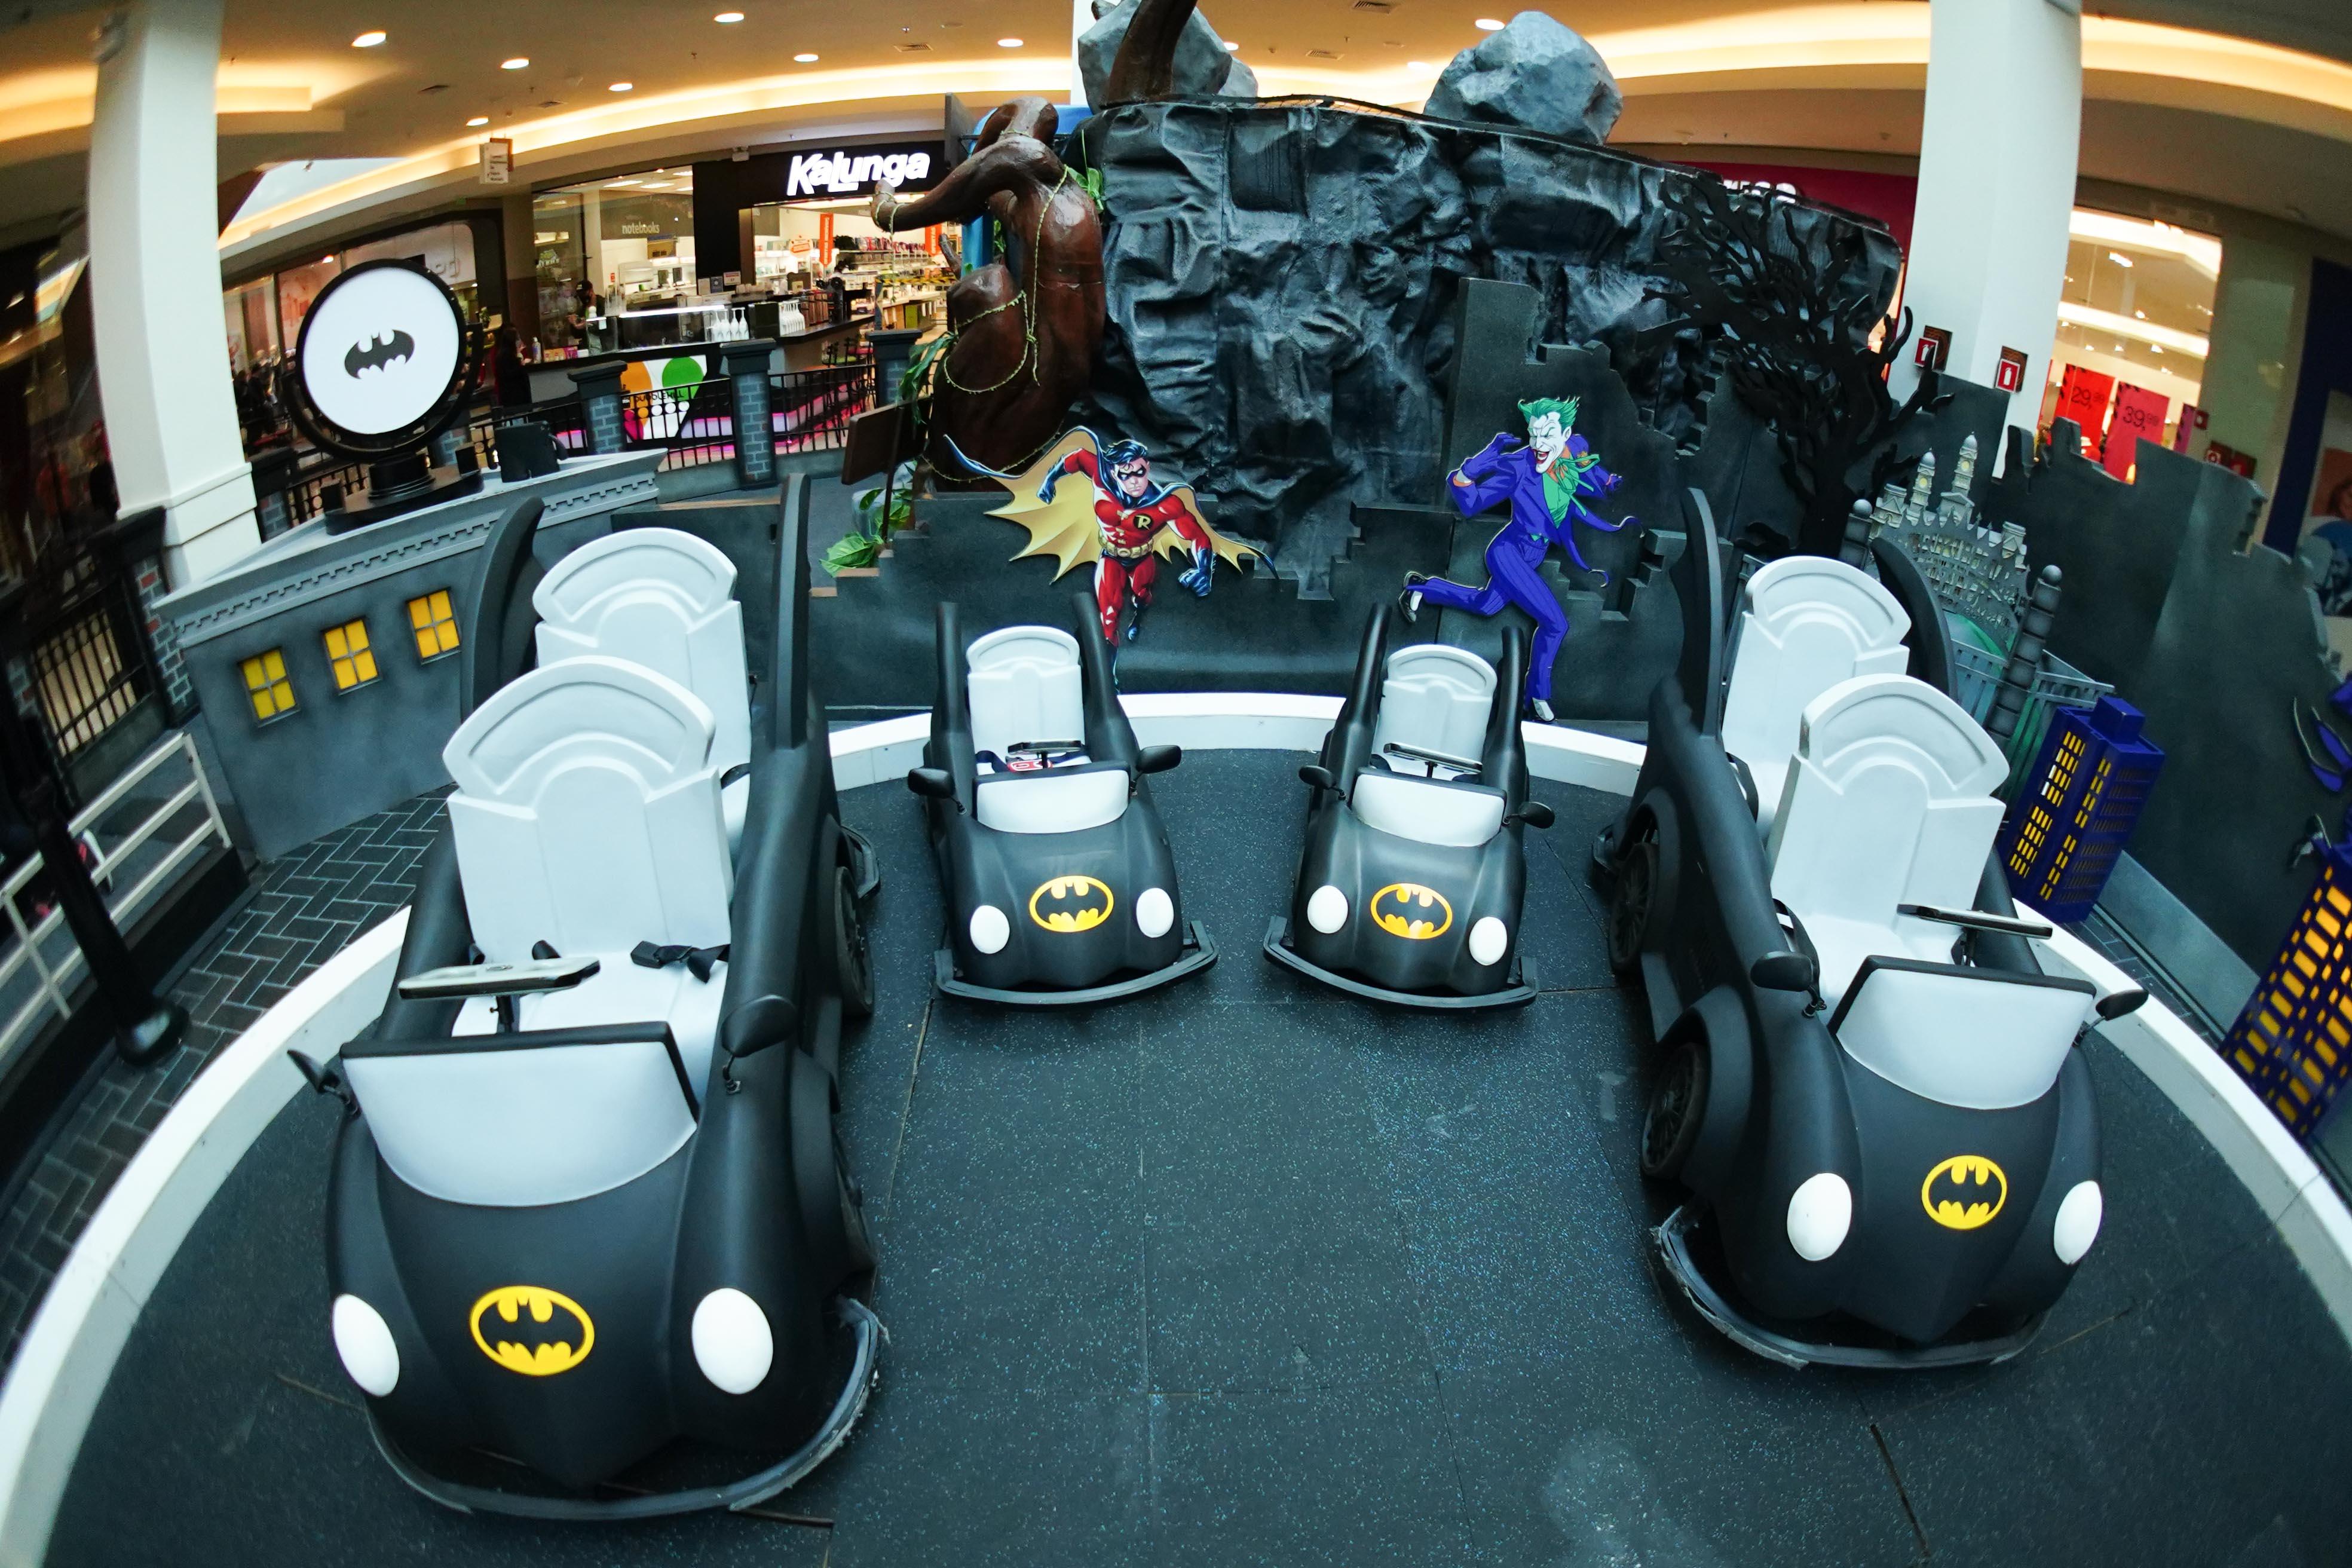 Carrinhos elétricos pretos com o símbolo do batman estão estacionados em um cenário do filme do personagem no shopping Mooca Plaza